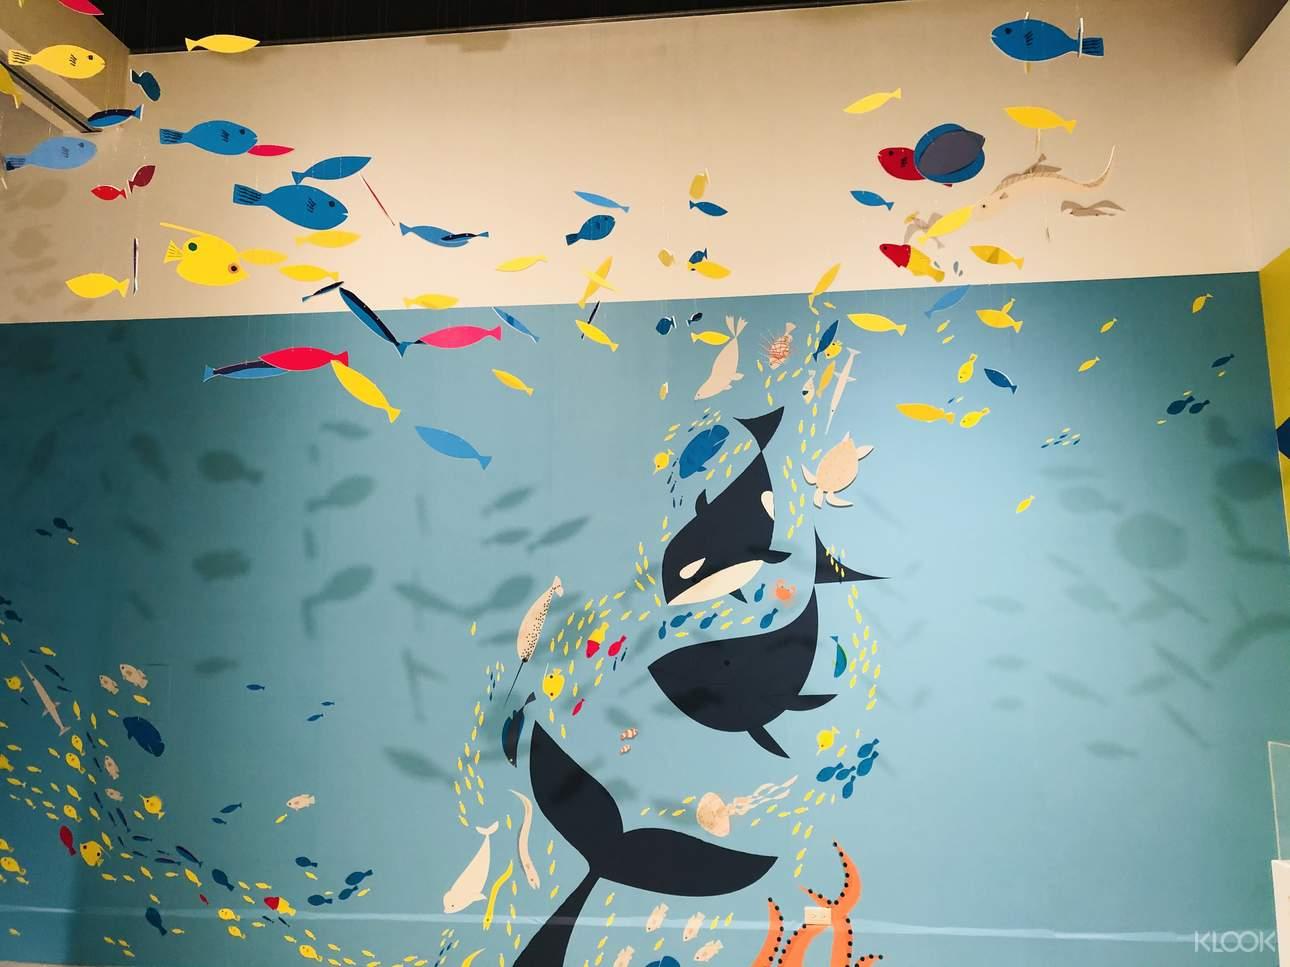 丹麥藝術家HuskMitNavn用一張紙和一隻筆,透過簡單的摺、捲、撕等步驟,創造出「類3D」的互動式作品